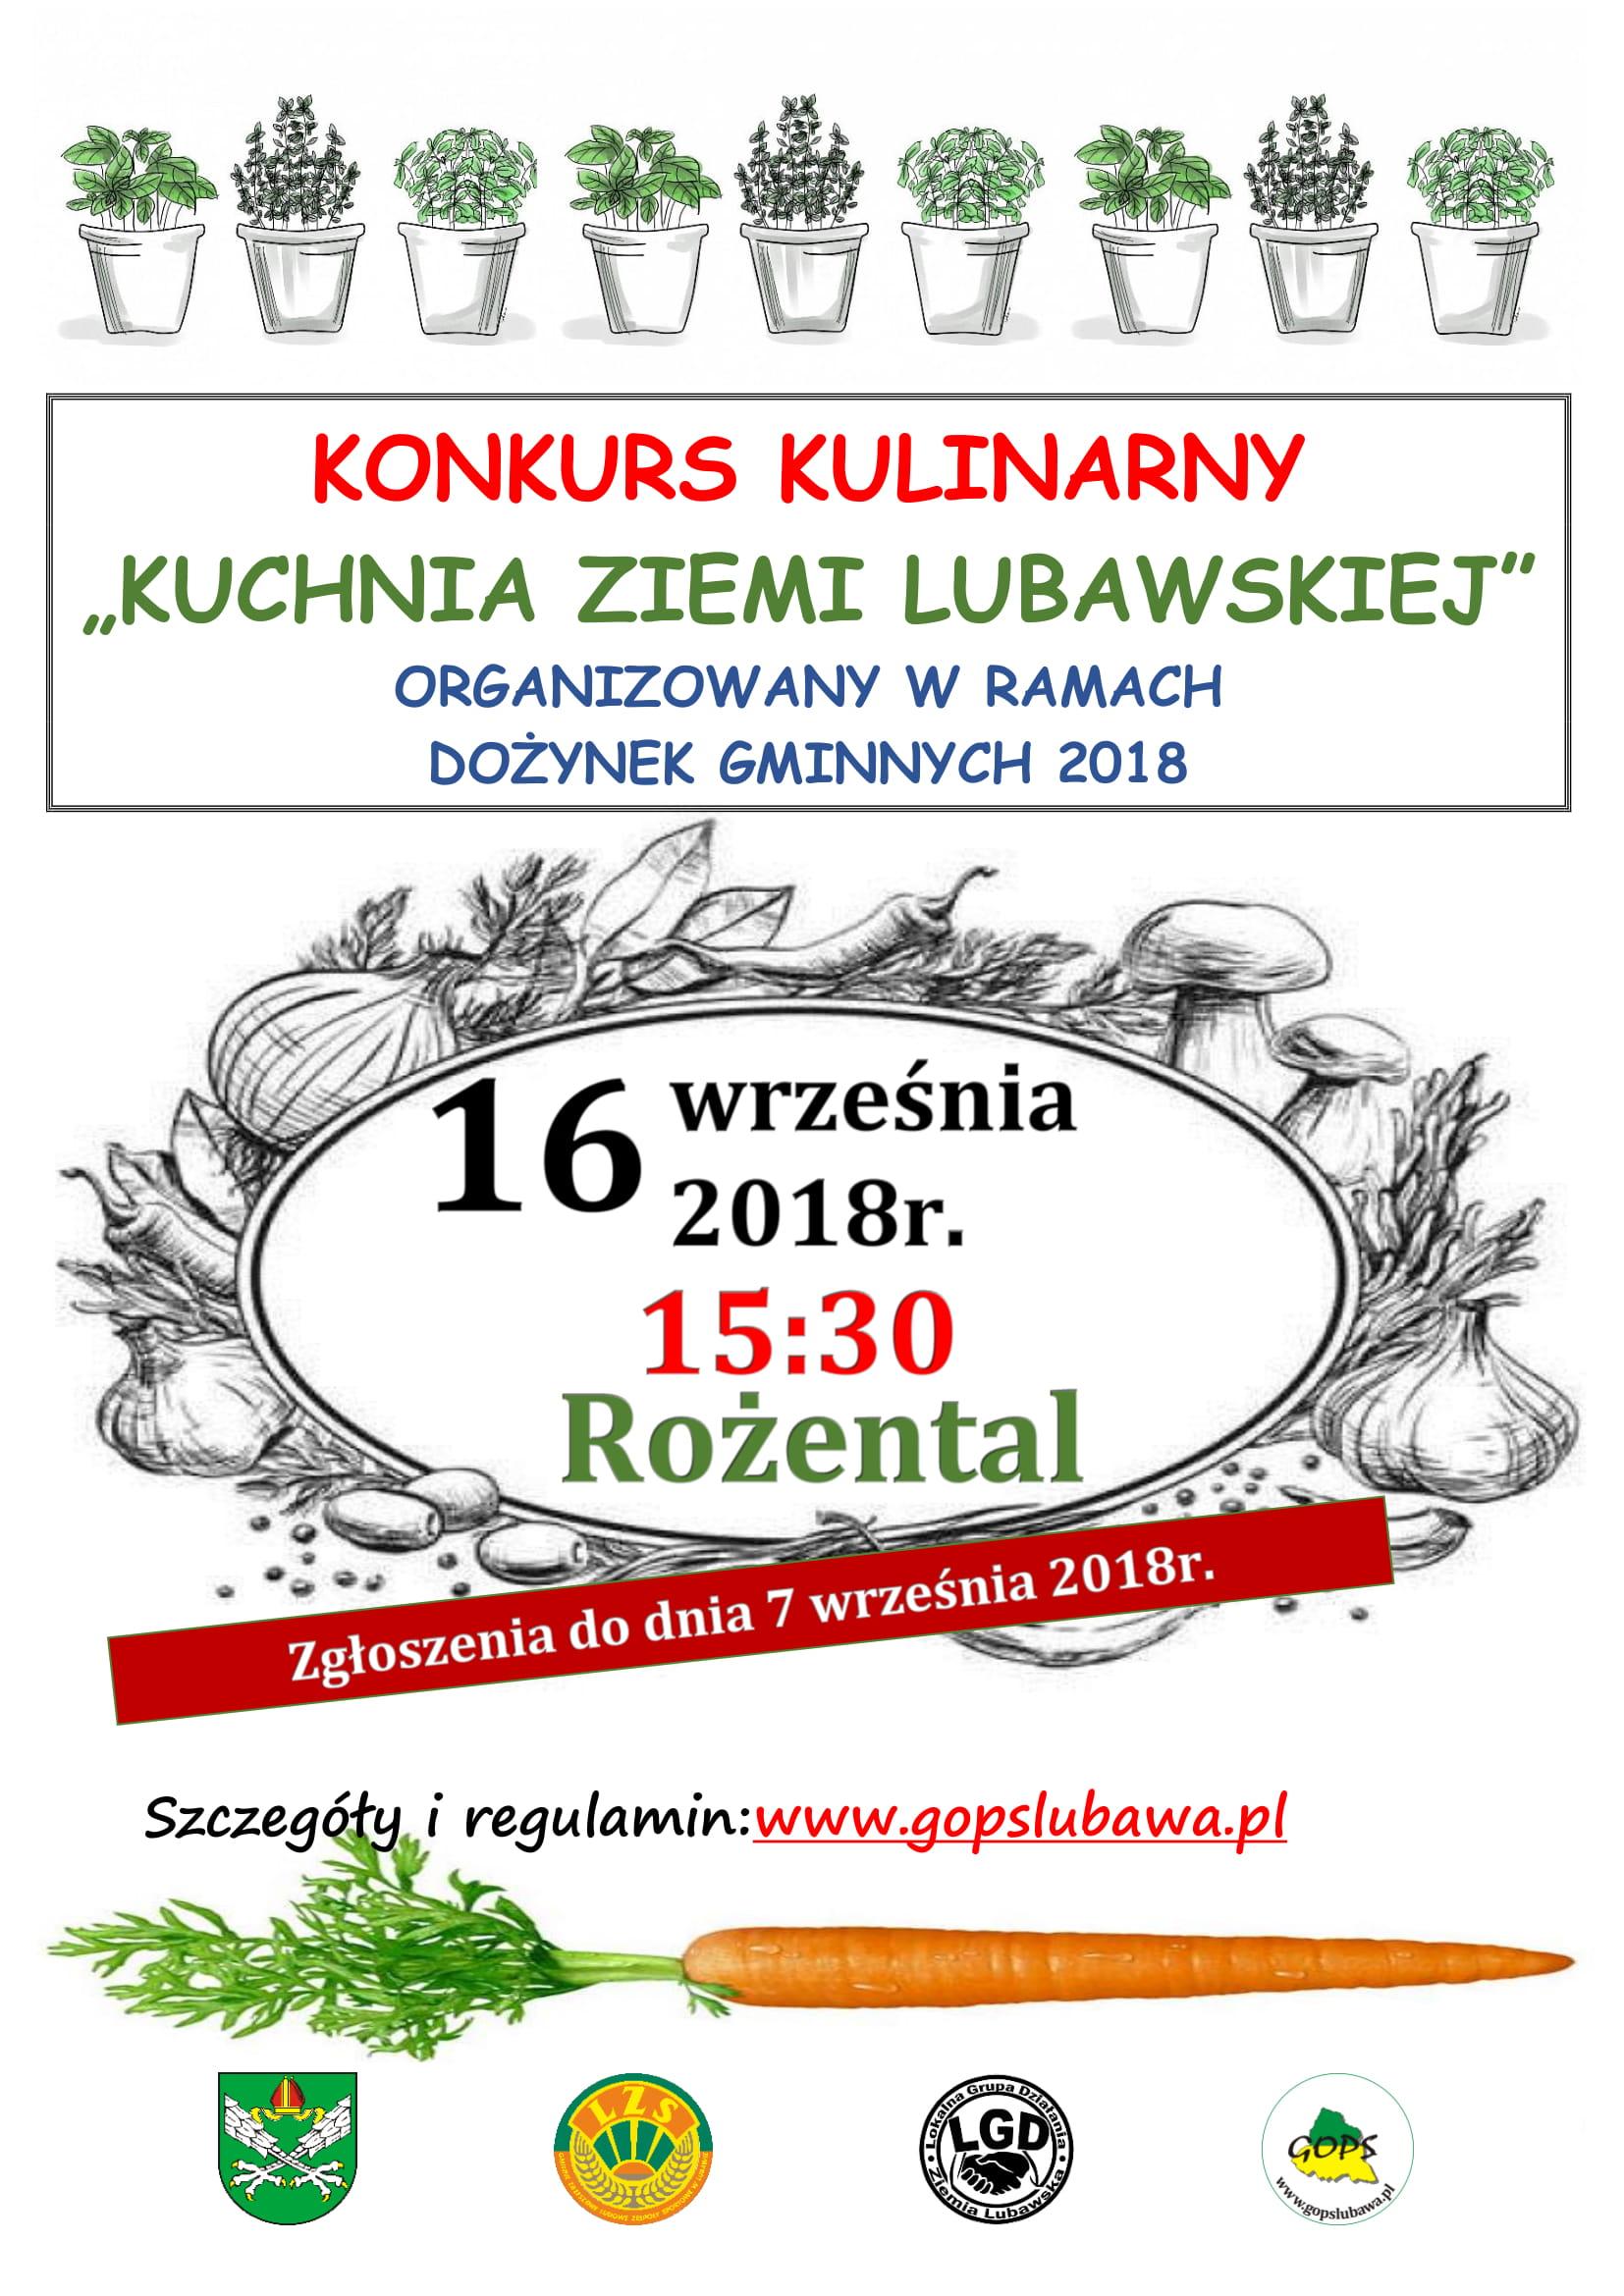 """Konkurs kulinarny """"Kuchnia Ziemi Lubawskiej""""!"""